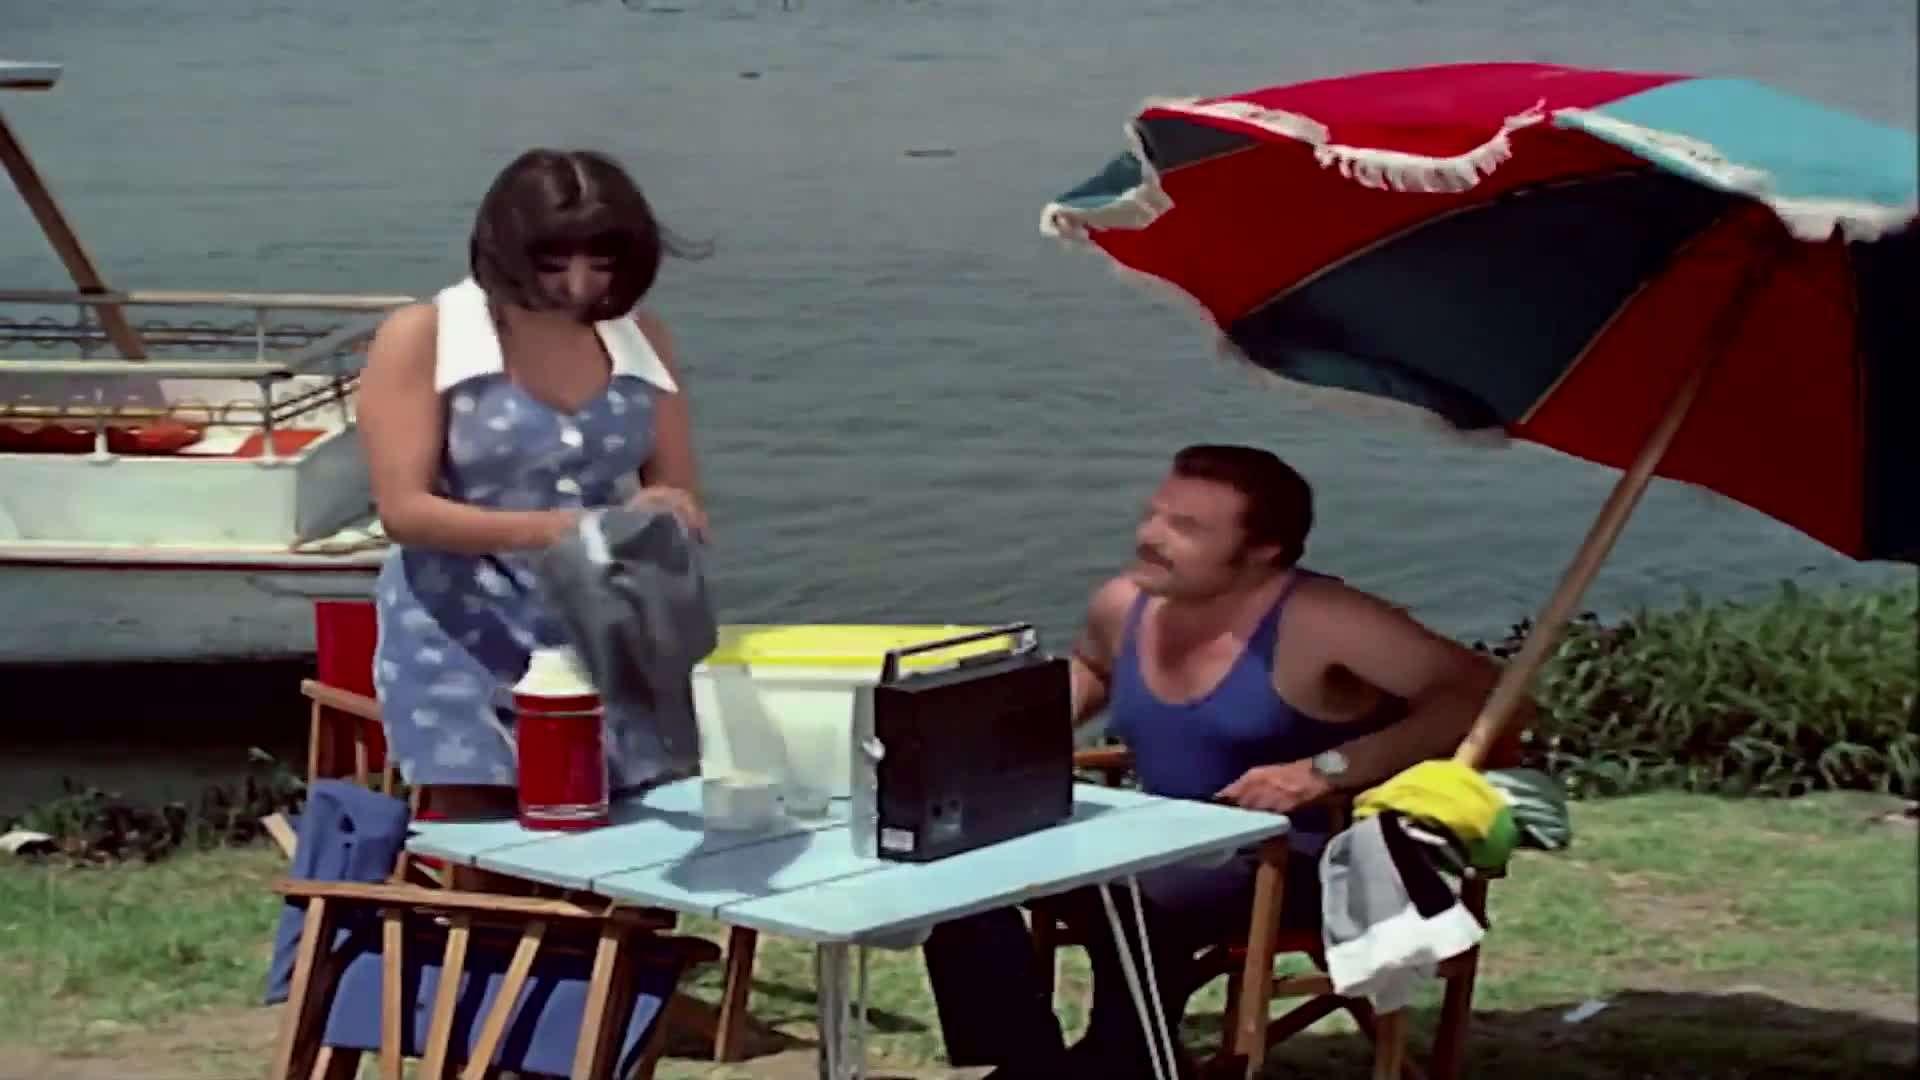 [فيلم][تورنت][تحميل][الكل عاوز يحب][1975][1080p][Web-DL] 10 arabp2p.com